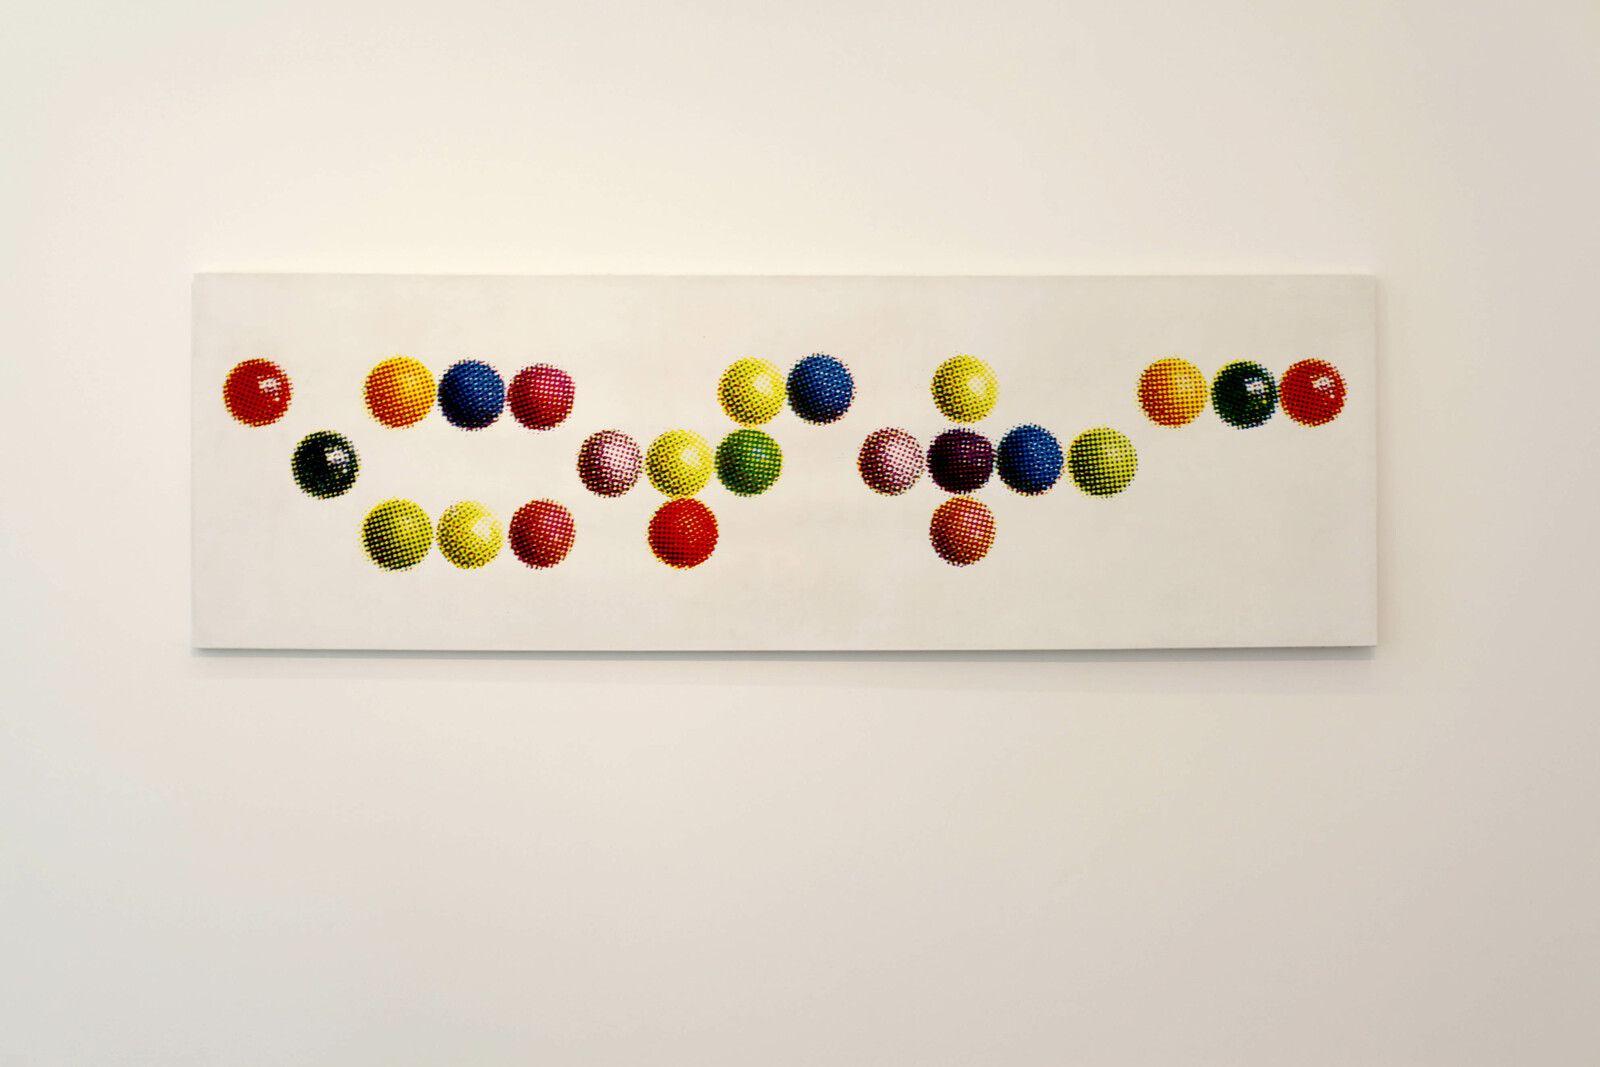 """""""Exoteric (Billes Colorées"""", 1970 de Alain JACQUET - Courtesy de l'artiste et de la galerie Perrotin © Photo Éric Simon"""